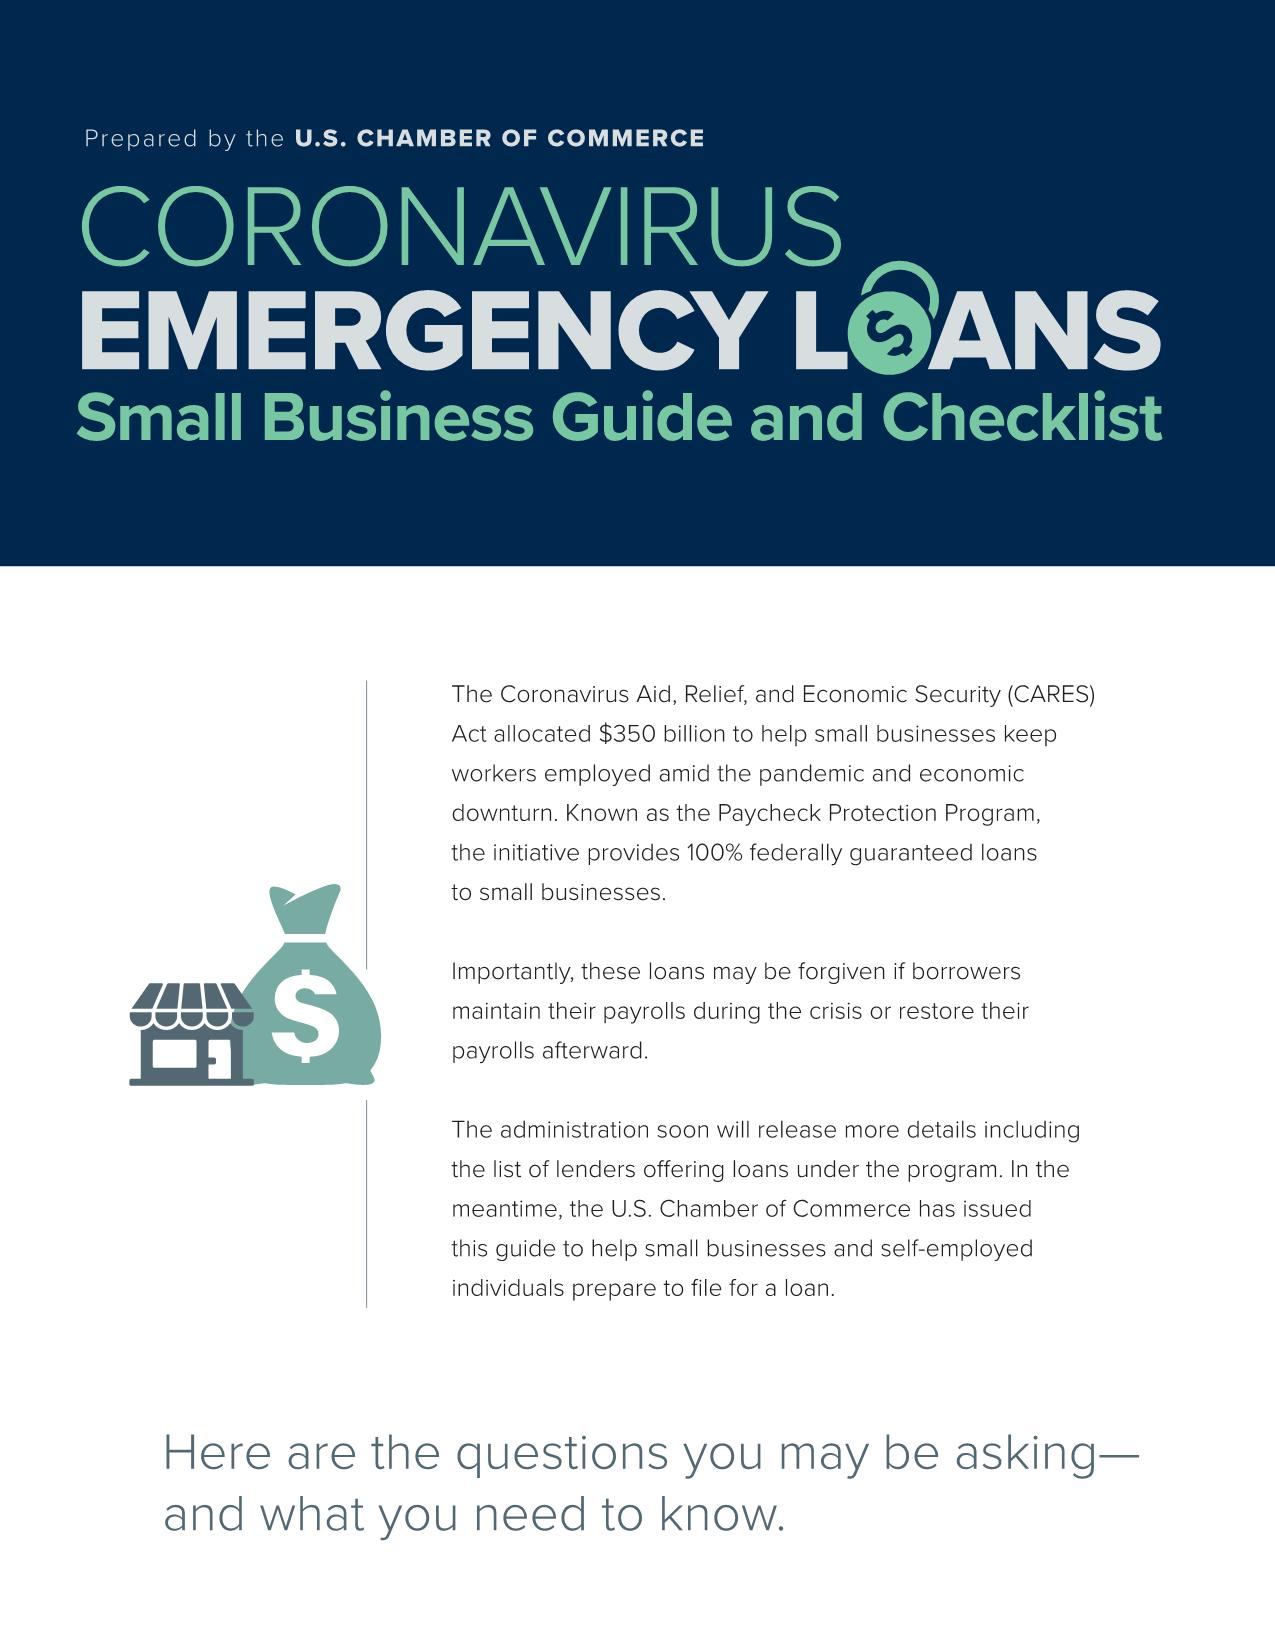 Emergency-Loans_1.jpg